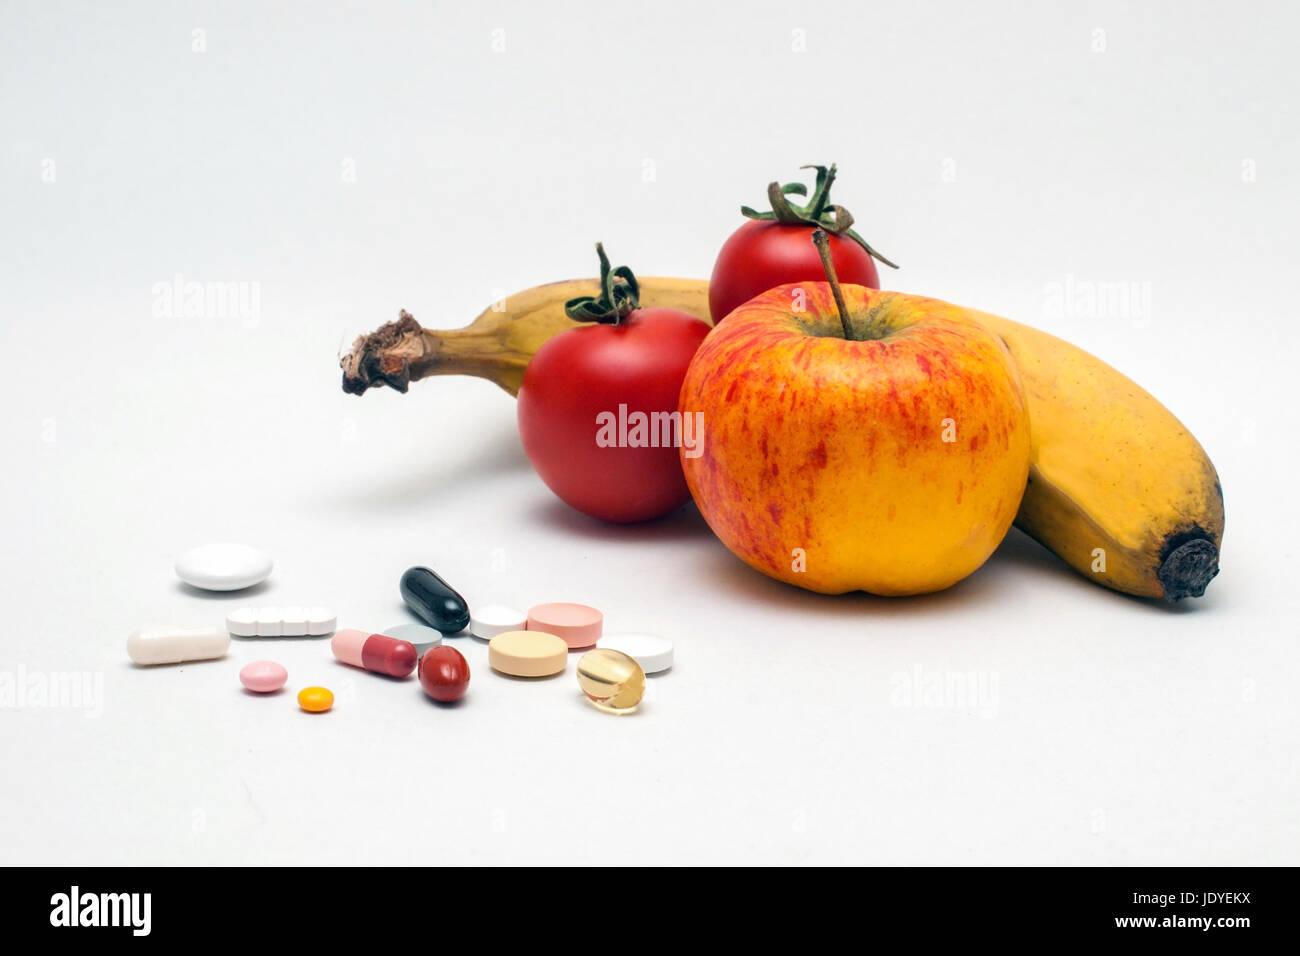 Bunte verschiedene Tabletten, Apfel, Banane und Tomaten, isoliert Foto de stock